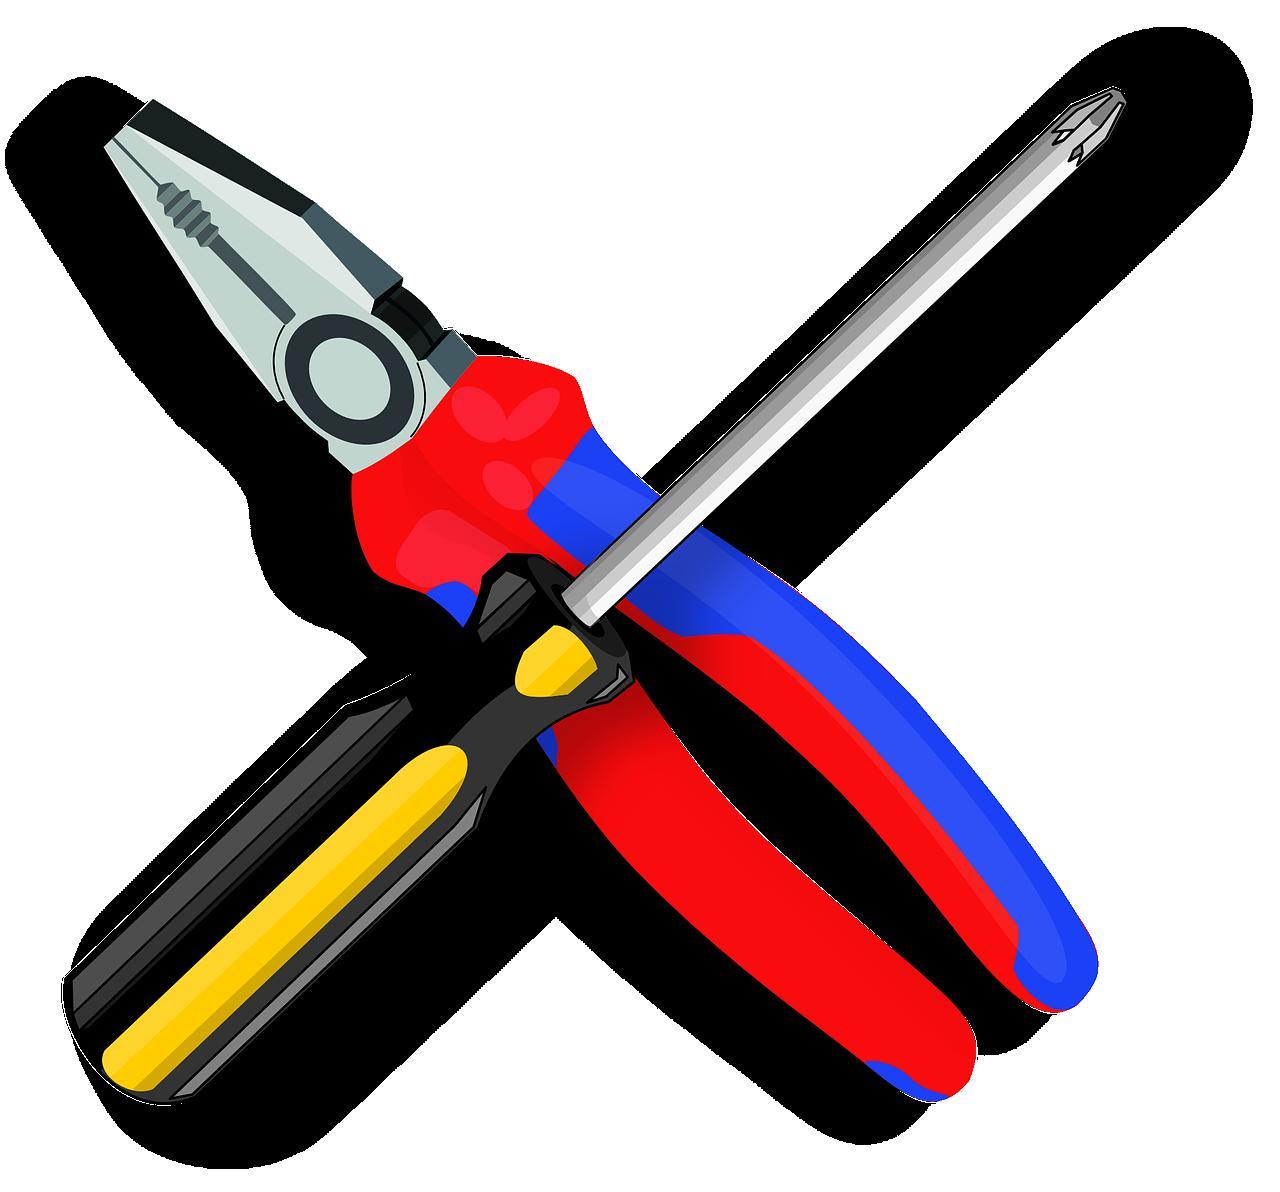 Extension ossature bois à Carqueiranne 83320 : Devis et tarifs